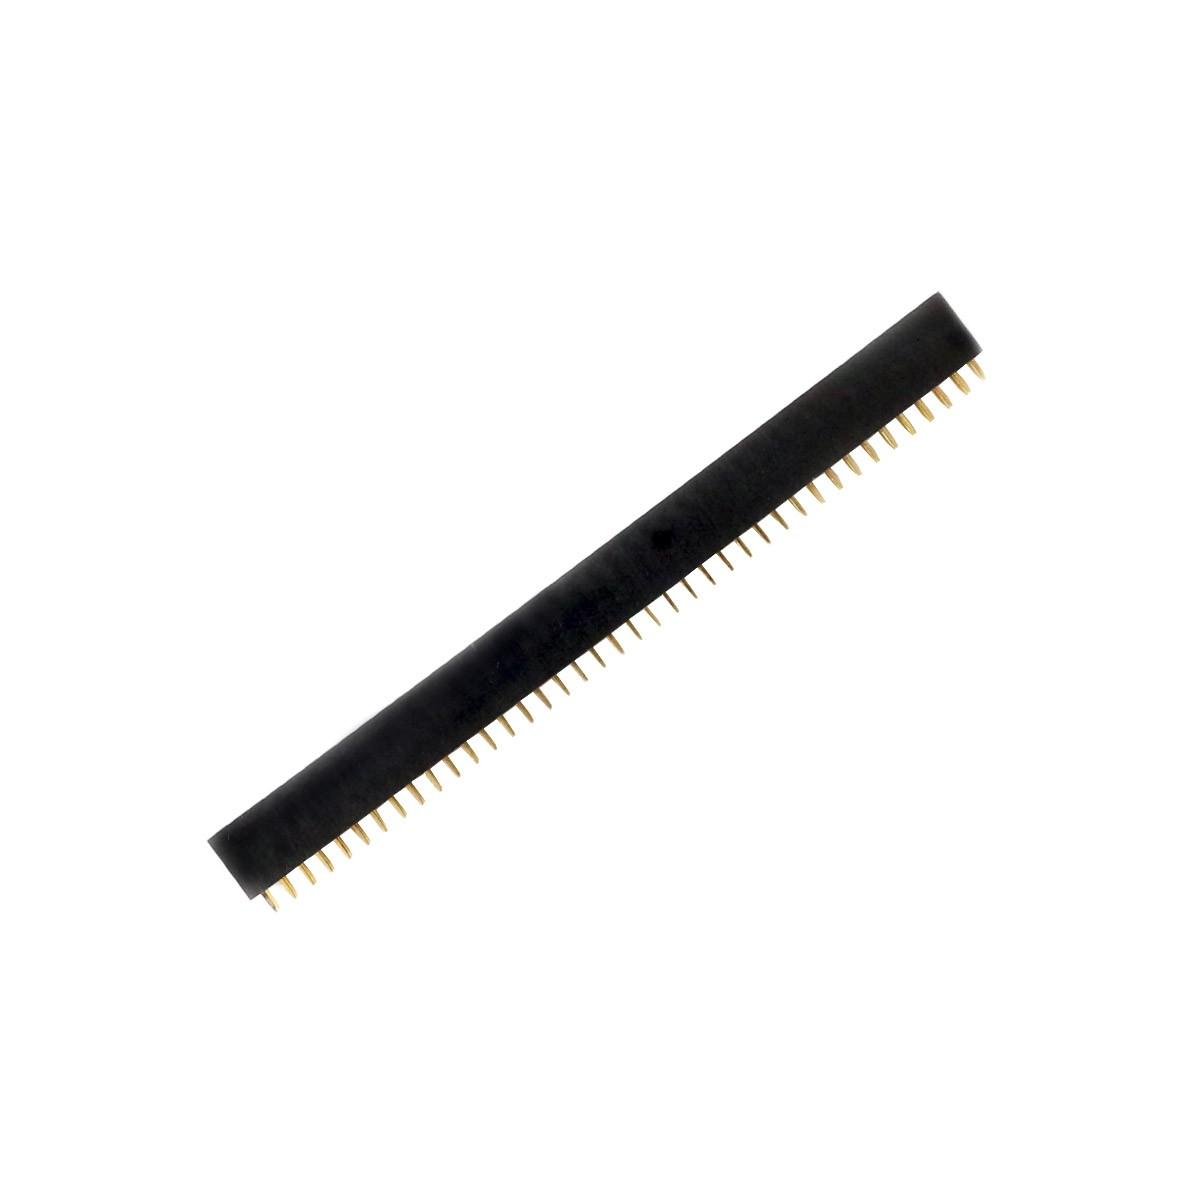 Connecteur Barrette Droit Femelle / Mâle 2X40 Pins Écartement 2.54mm